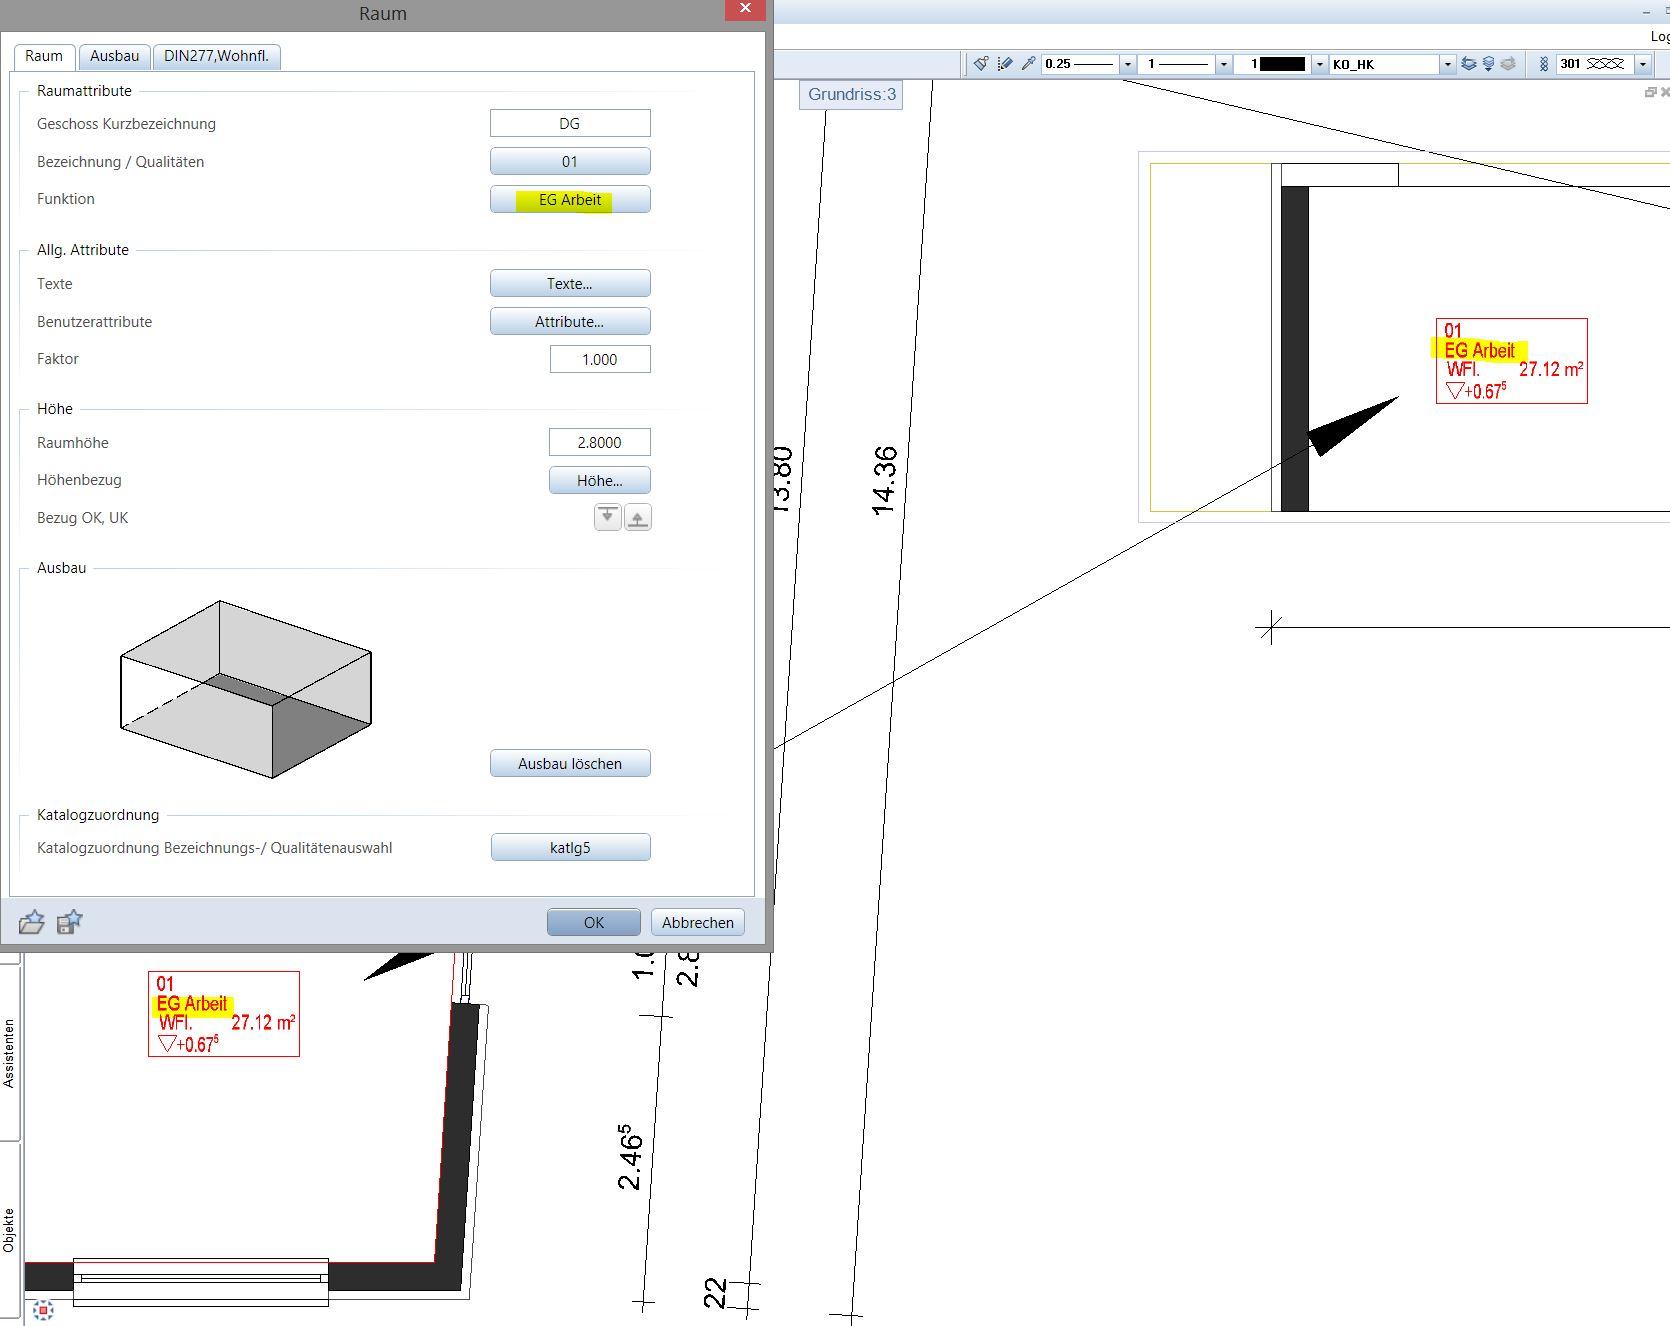 schnitt archives handelsvertretung allplan vertriebspartner frank will. Black Bedroom Furniture Sets. Home Design Ideas